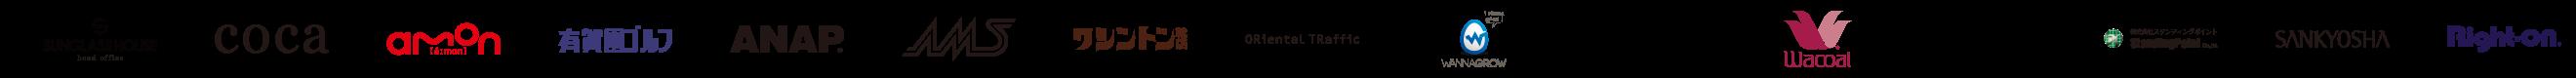 商品撮影システムのフォトオートメーションを導入した企業集1